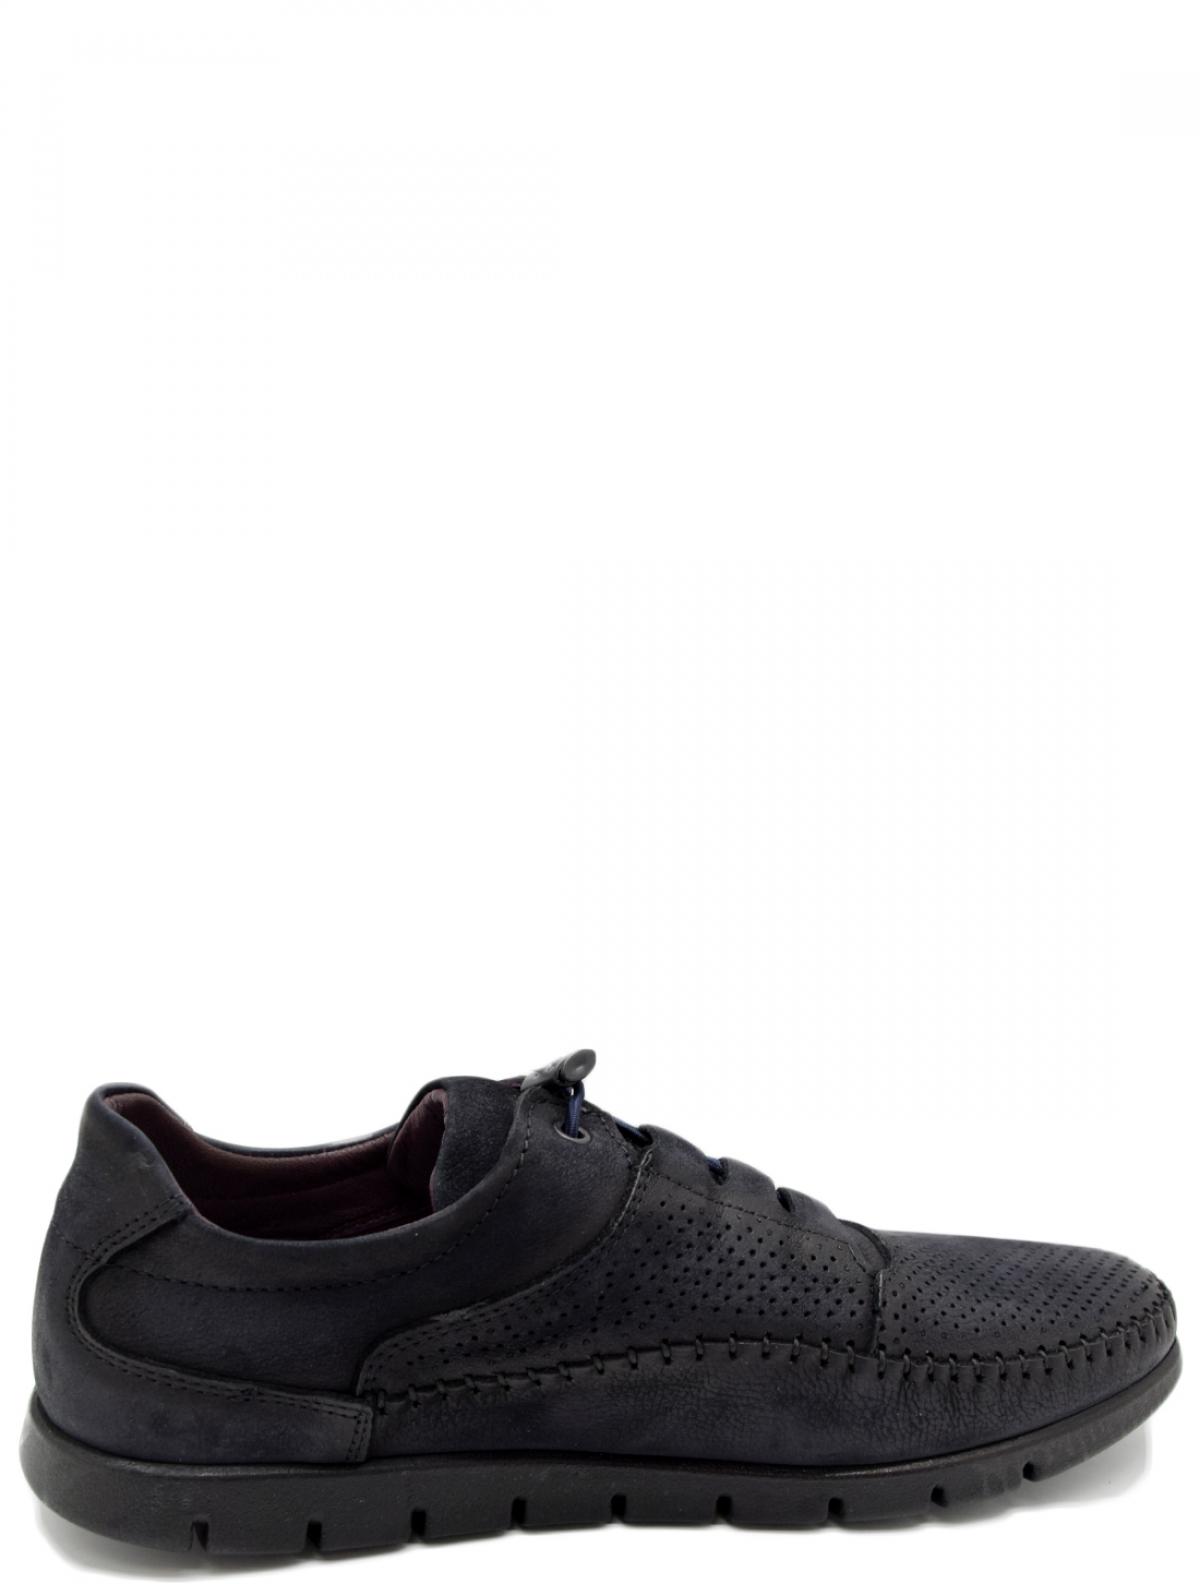 Respect VK63-119602 мужские туфли